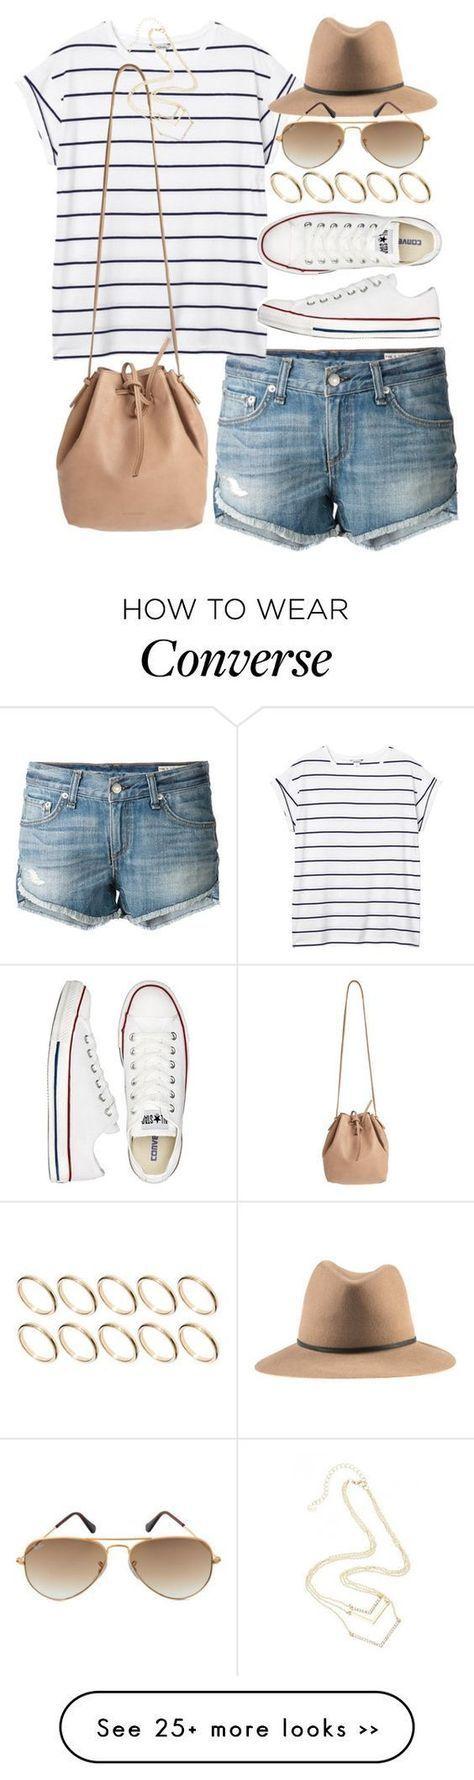 15 lässige Sommeroutfits für Frauen, die den ganzen Tag getragen werden können